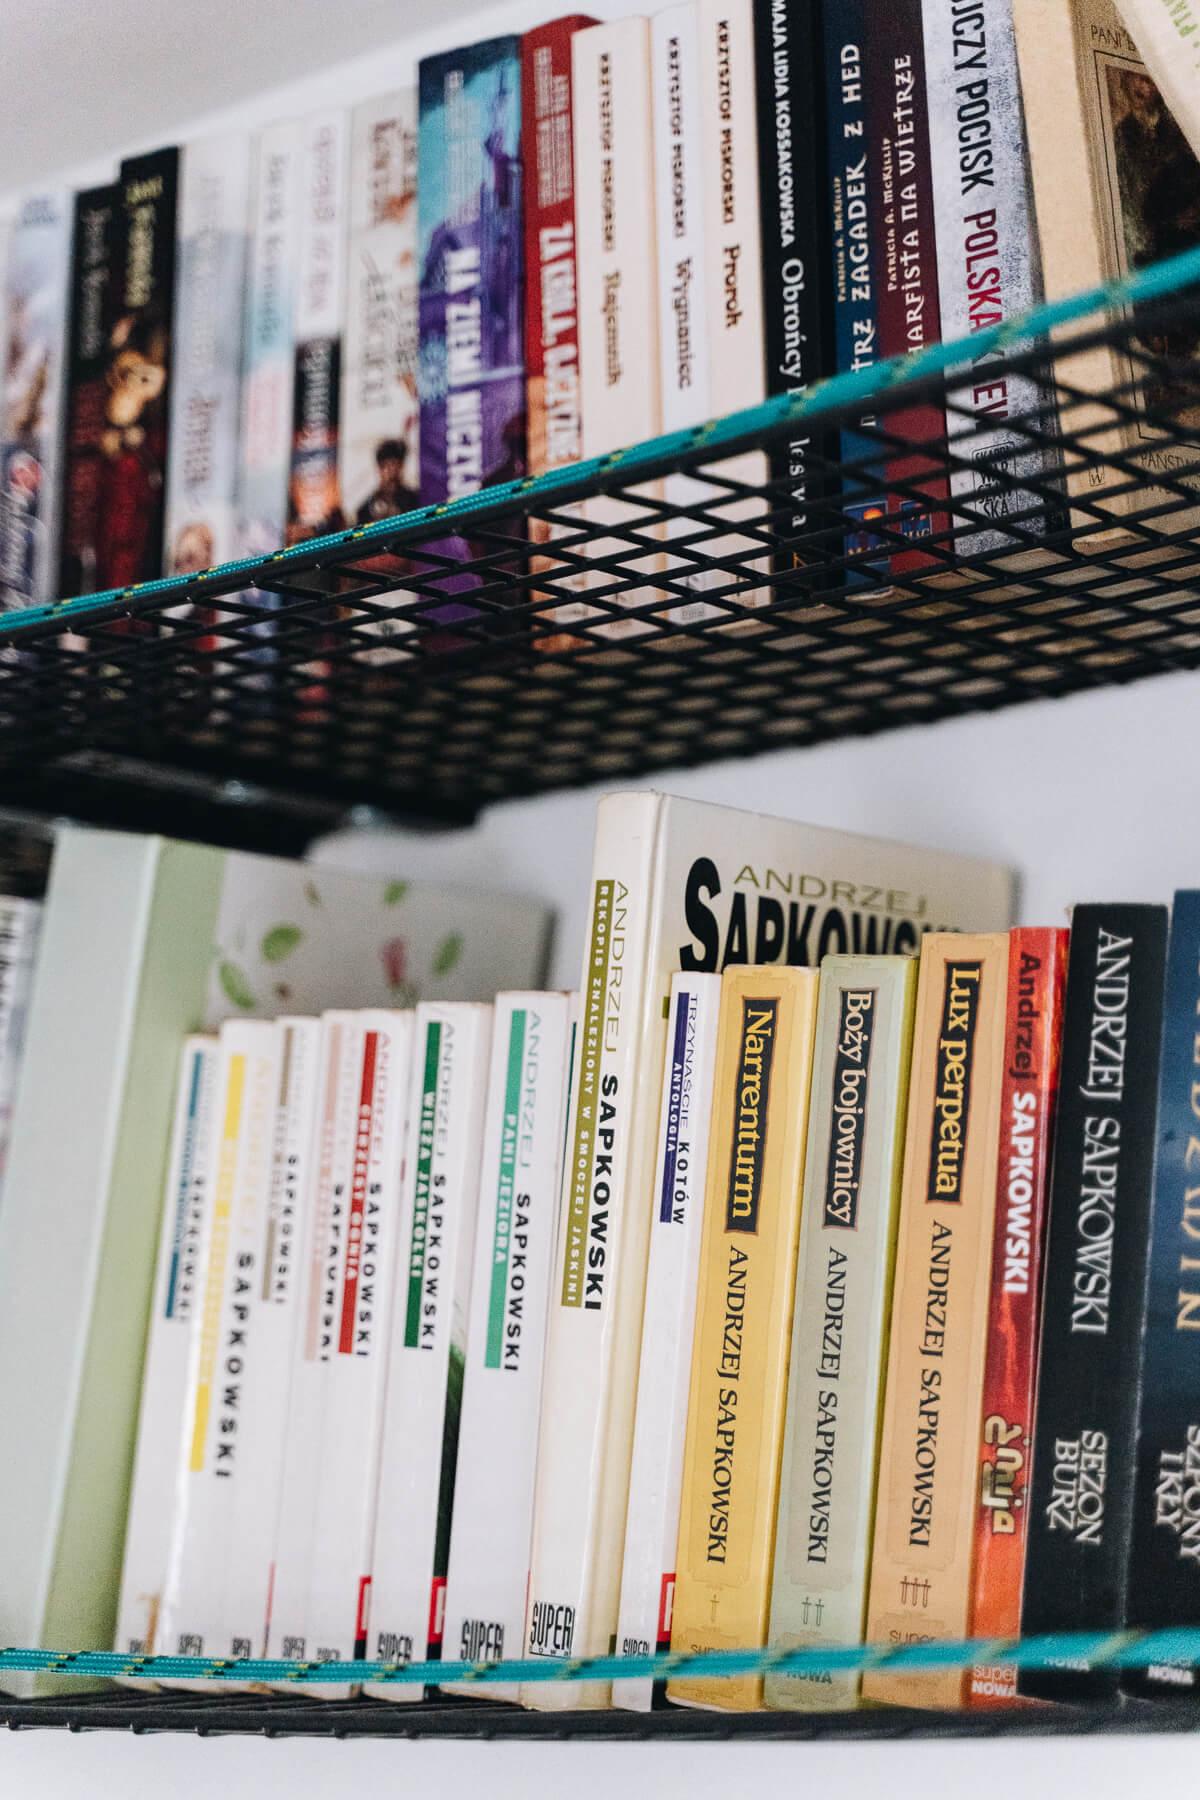 Półki na książki zrobione z półek na buty GREJIG IKEA na półkach stoją książki z sagi o Wiedźminie